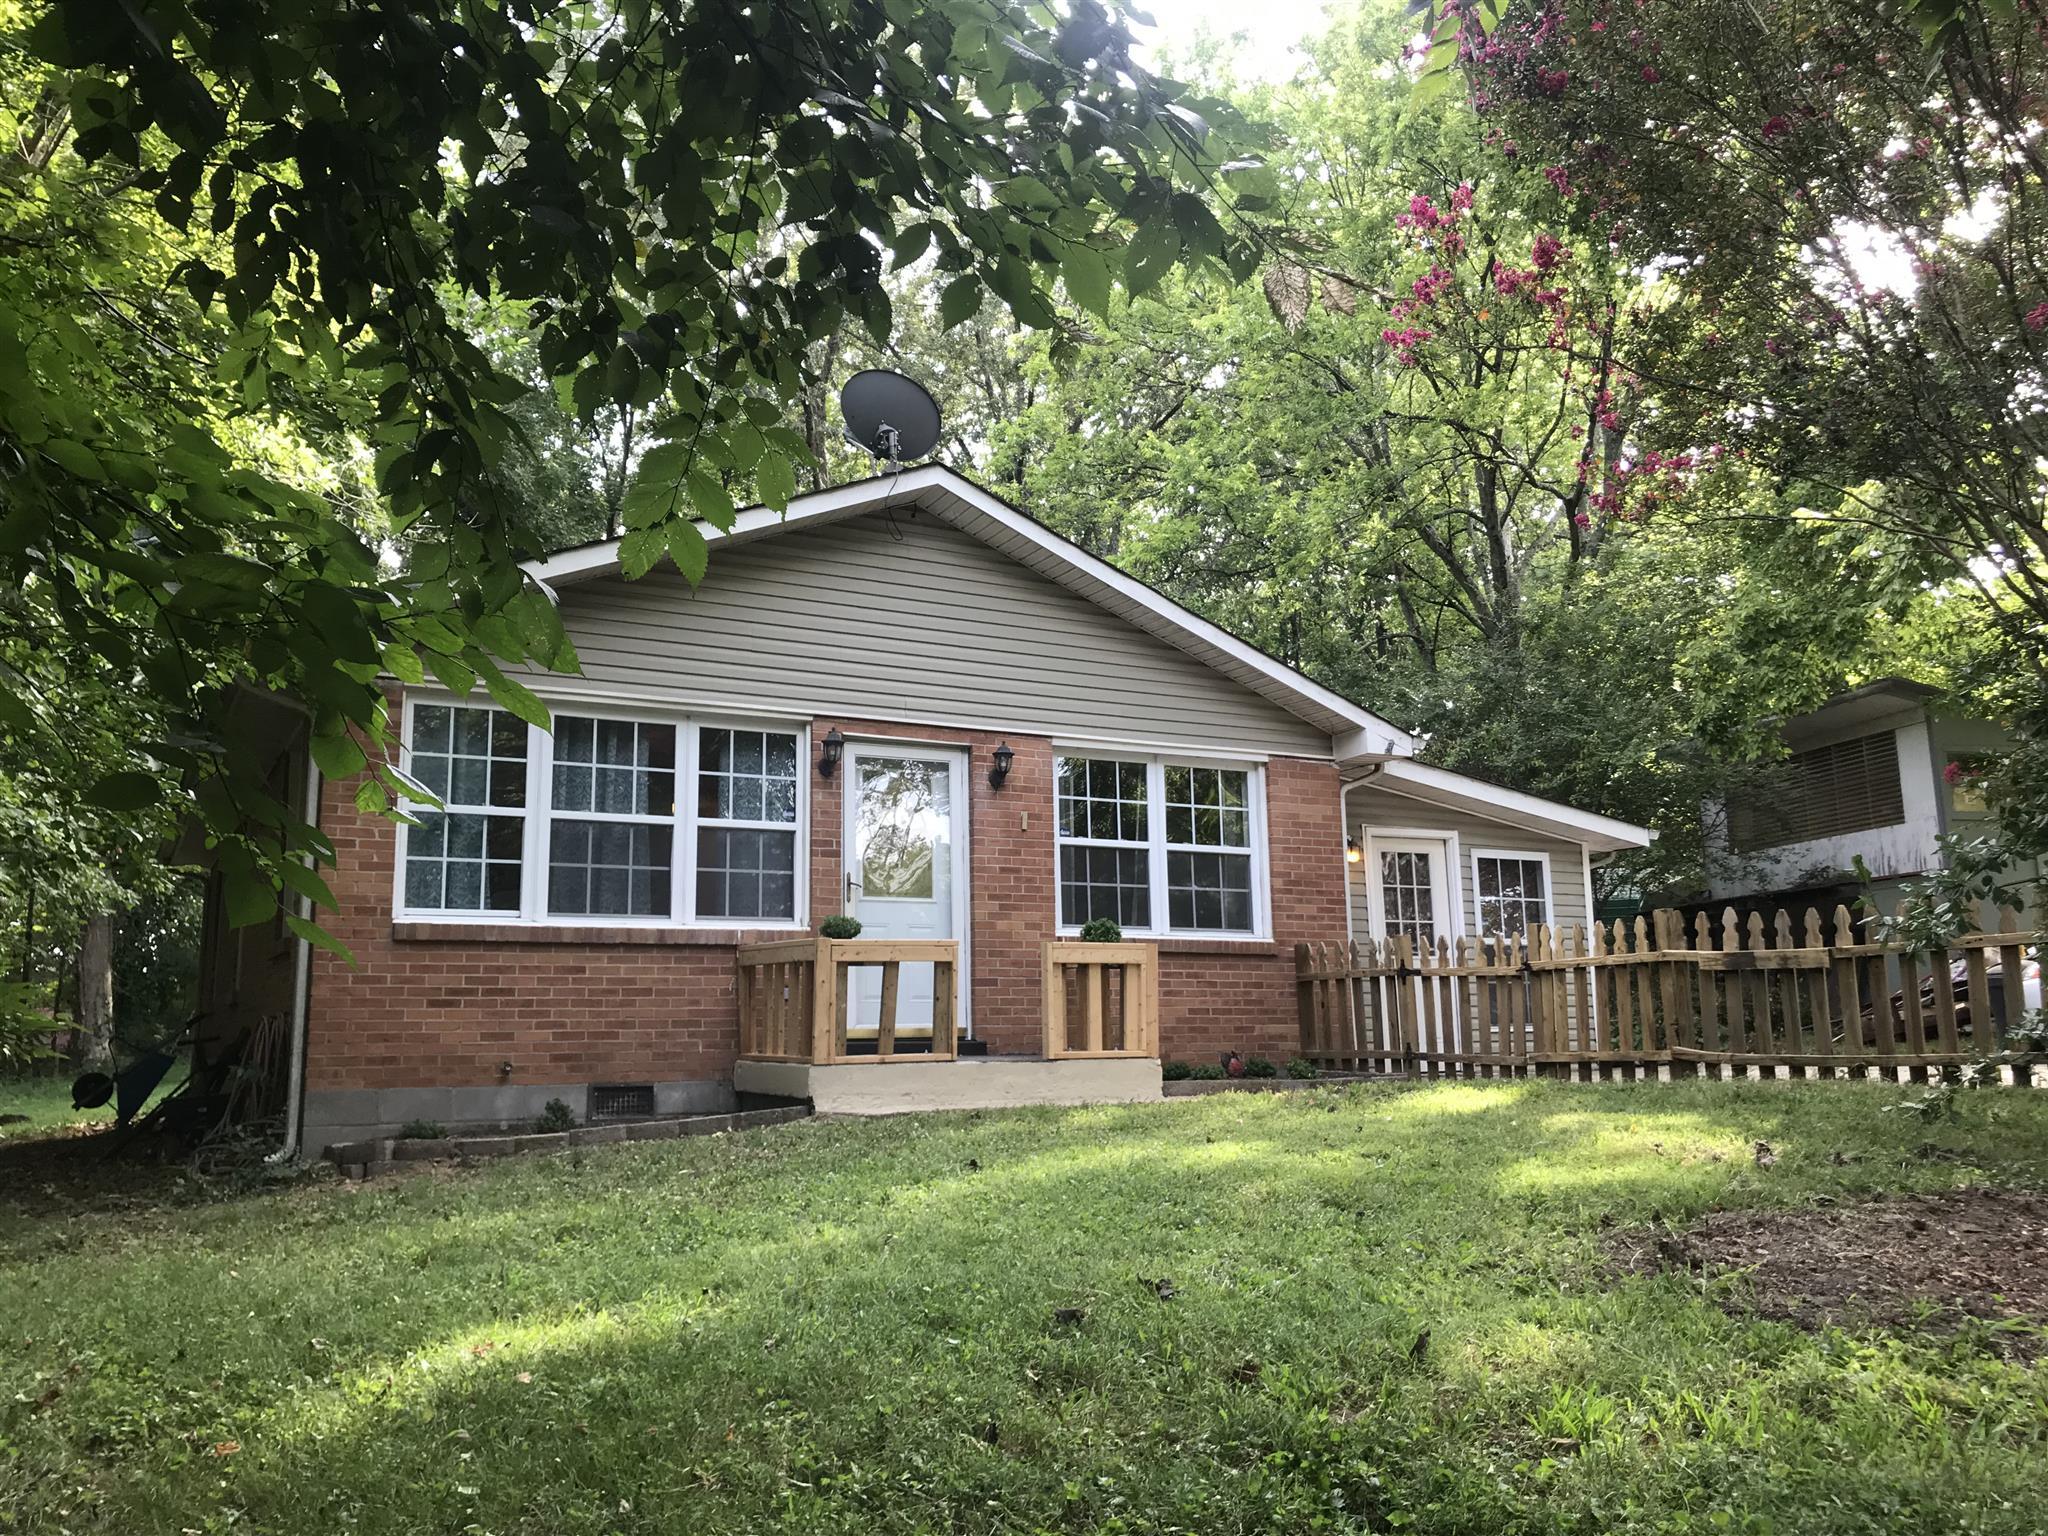 505 Cheyenne Ln, Clarksville, TN 37042 - Clarksville, TN real estate listing